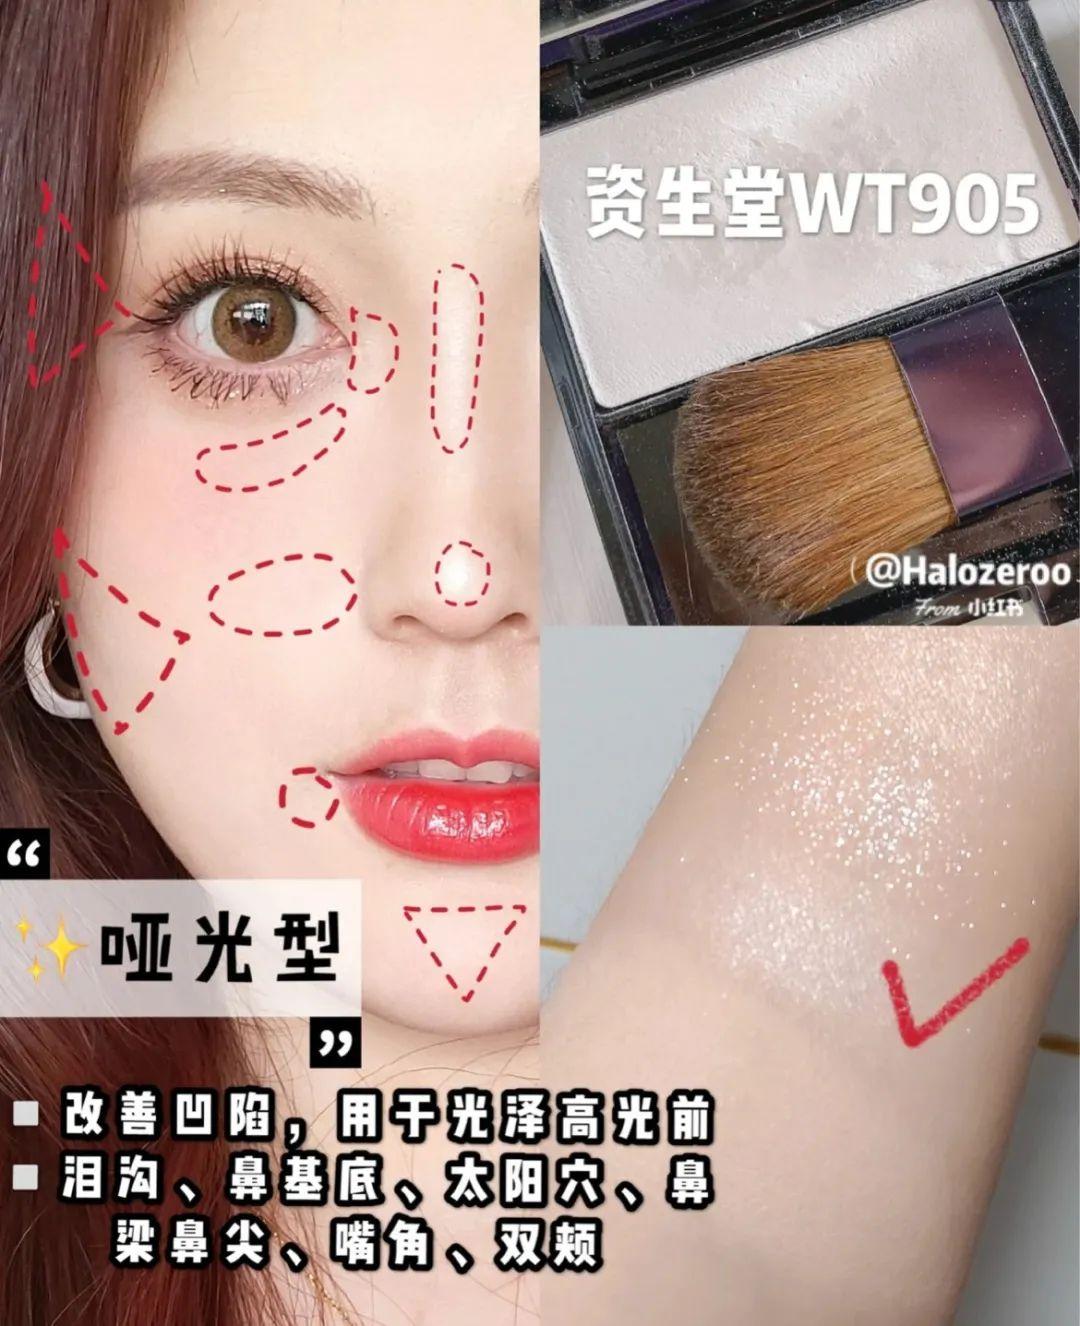 为什么你化了妆还是不好看?